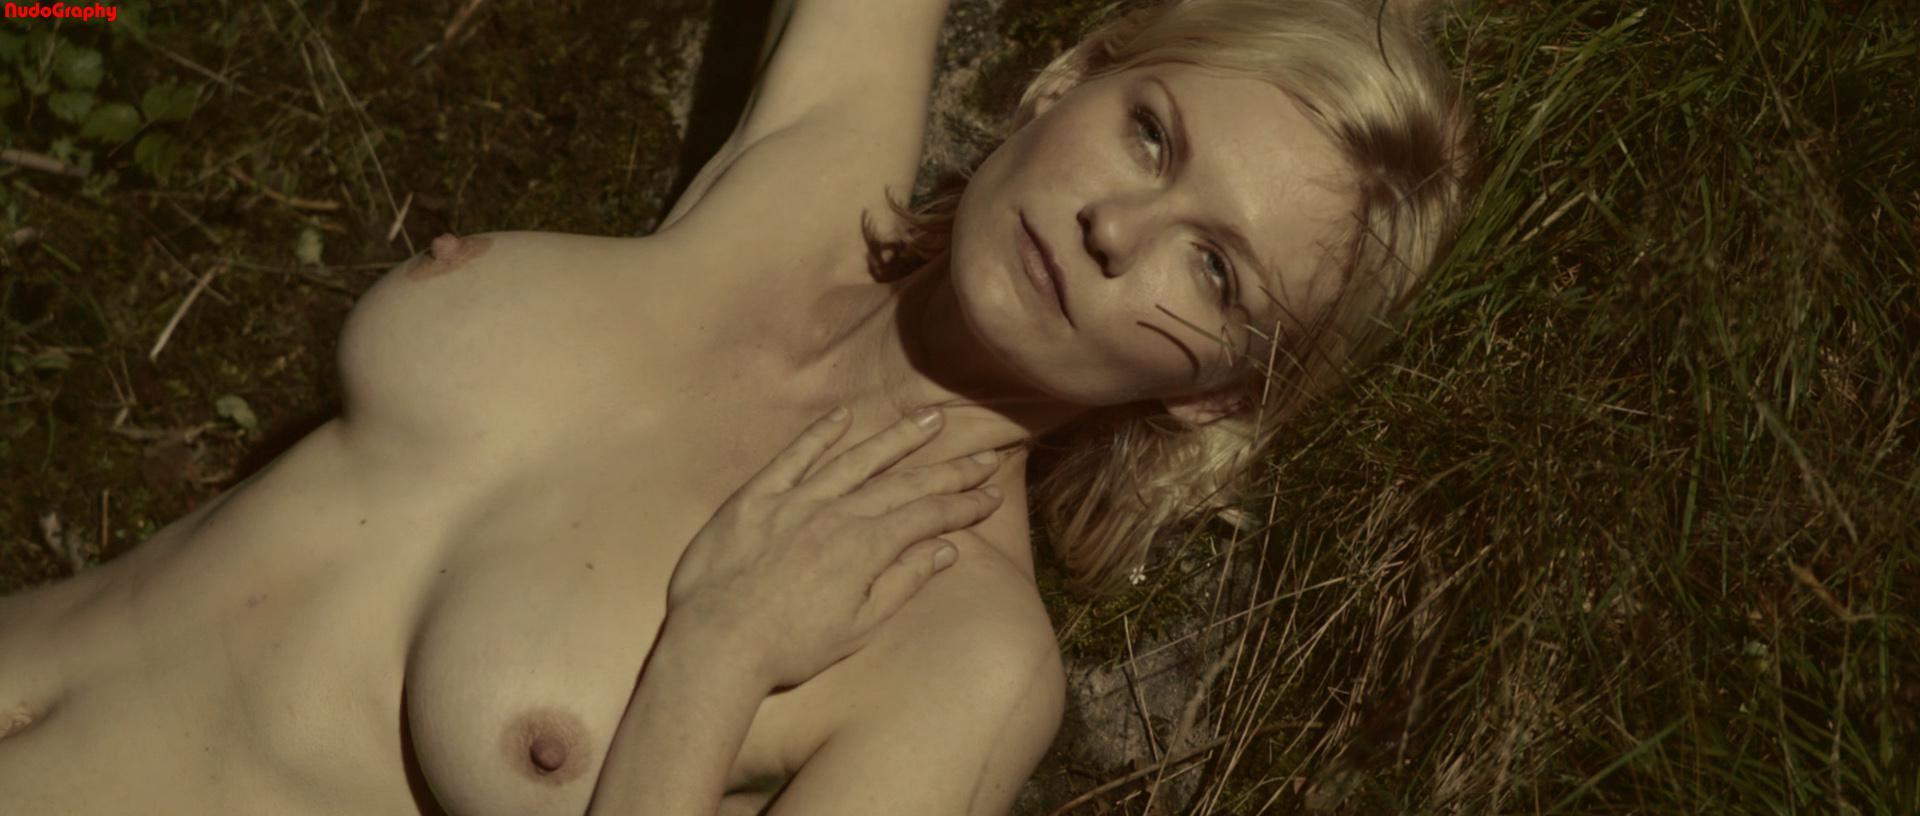 Fotos De Kirsten Dunst Desnuda Página 24 Fotos De Famosastk